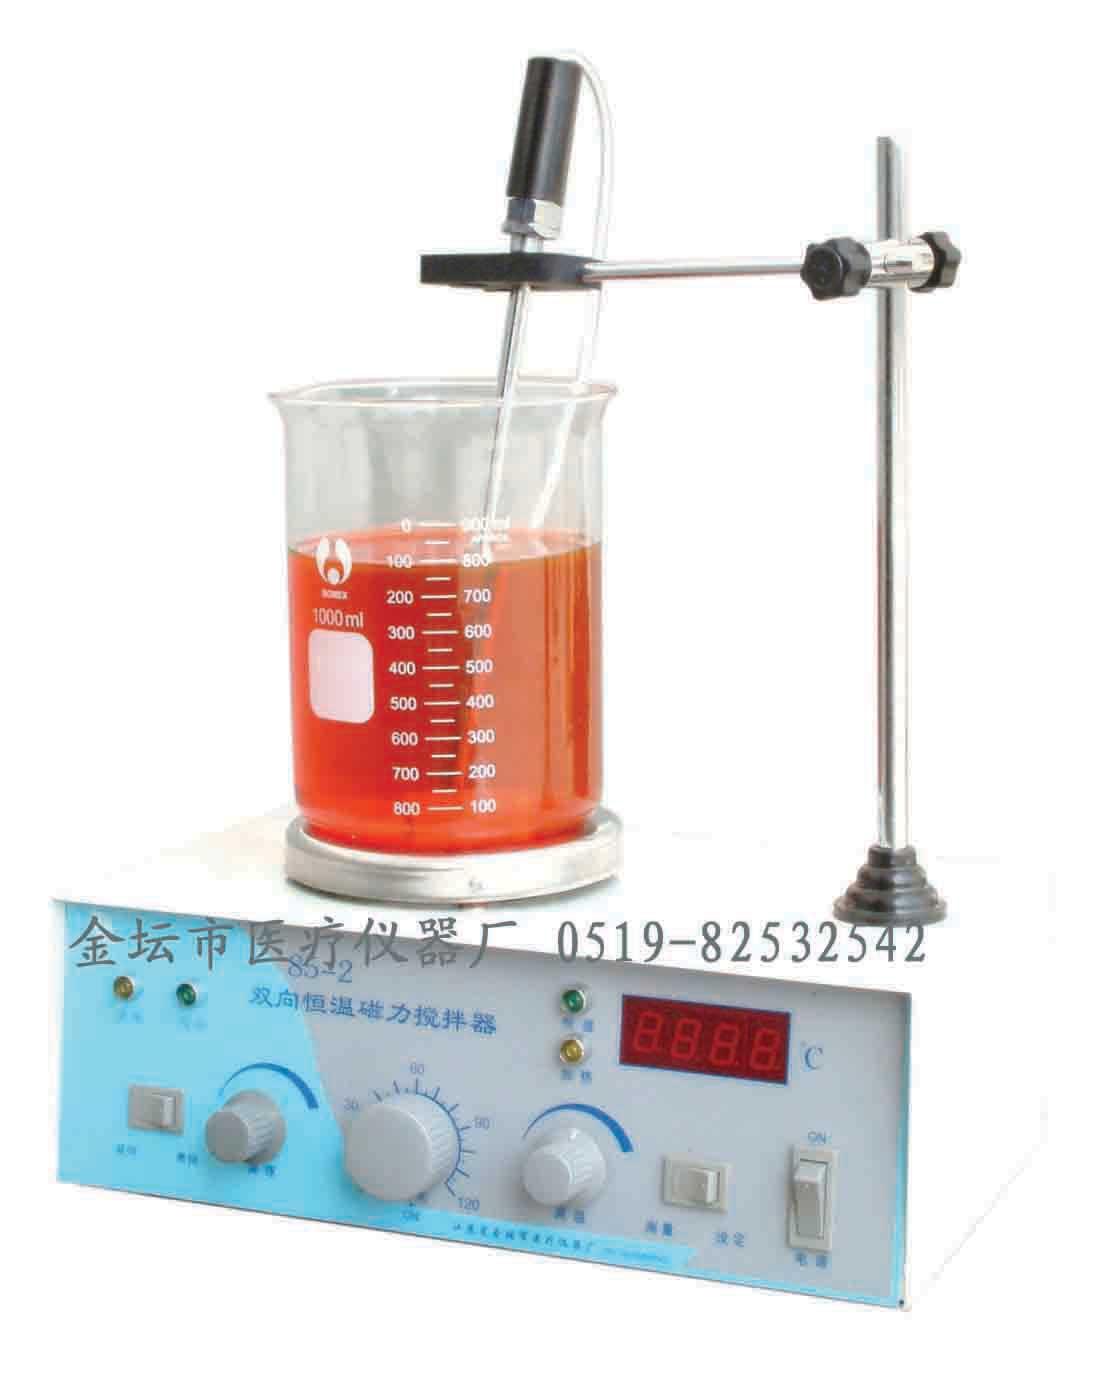 江苏金坛85-2A数显双向恒温磁力搅拌器